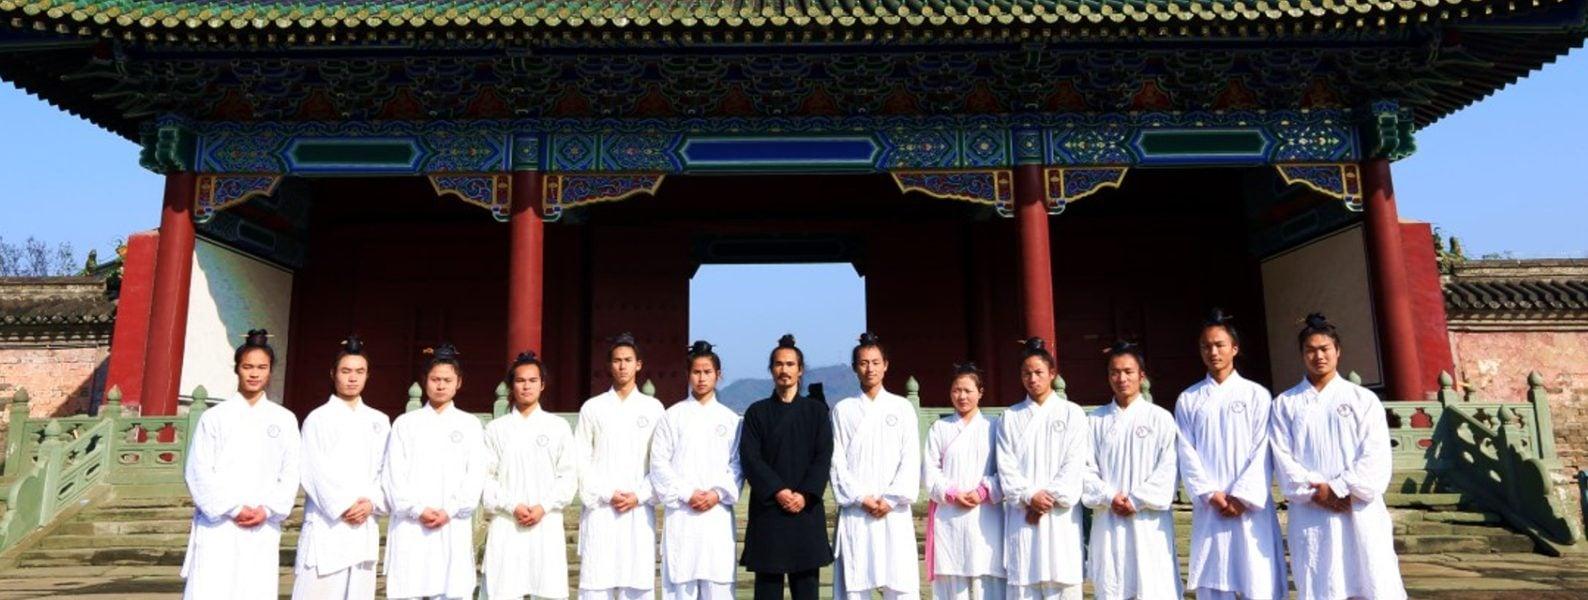 Wudang Akademie